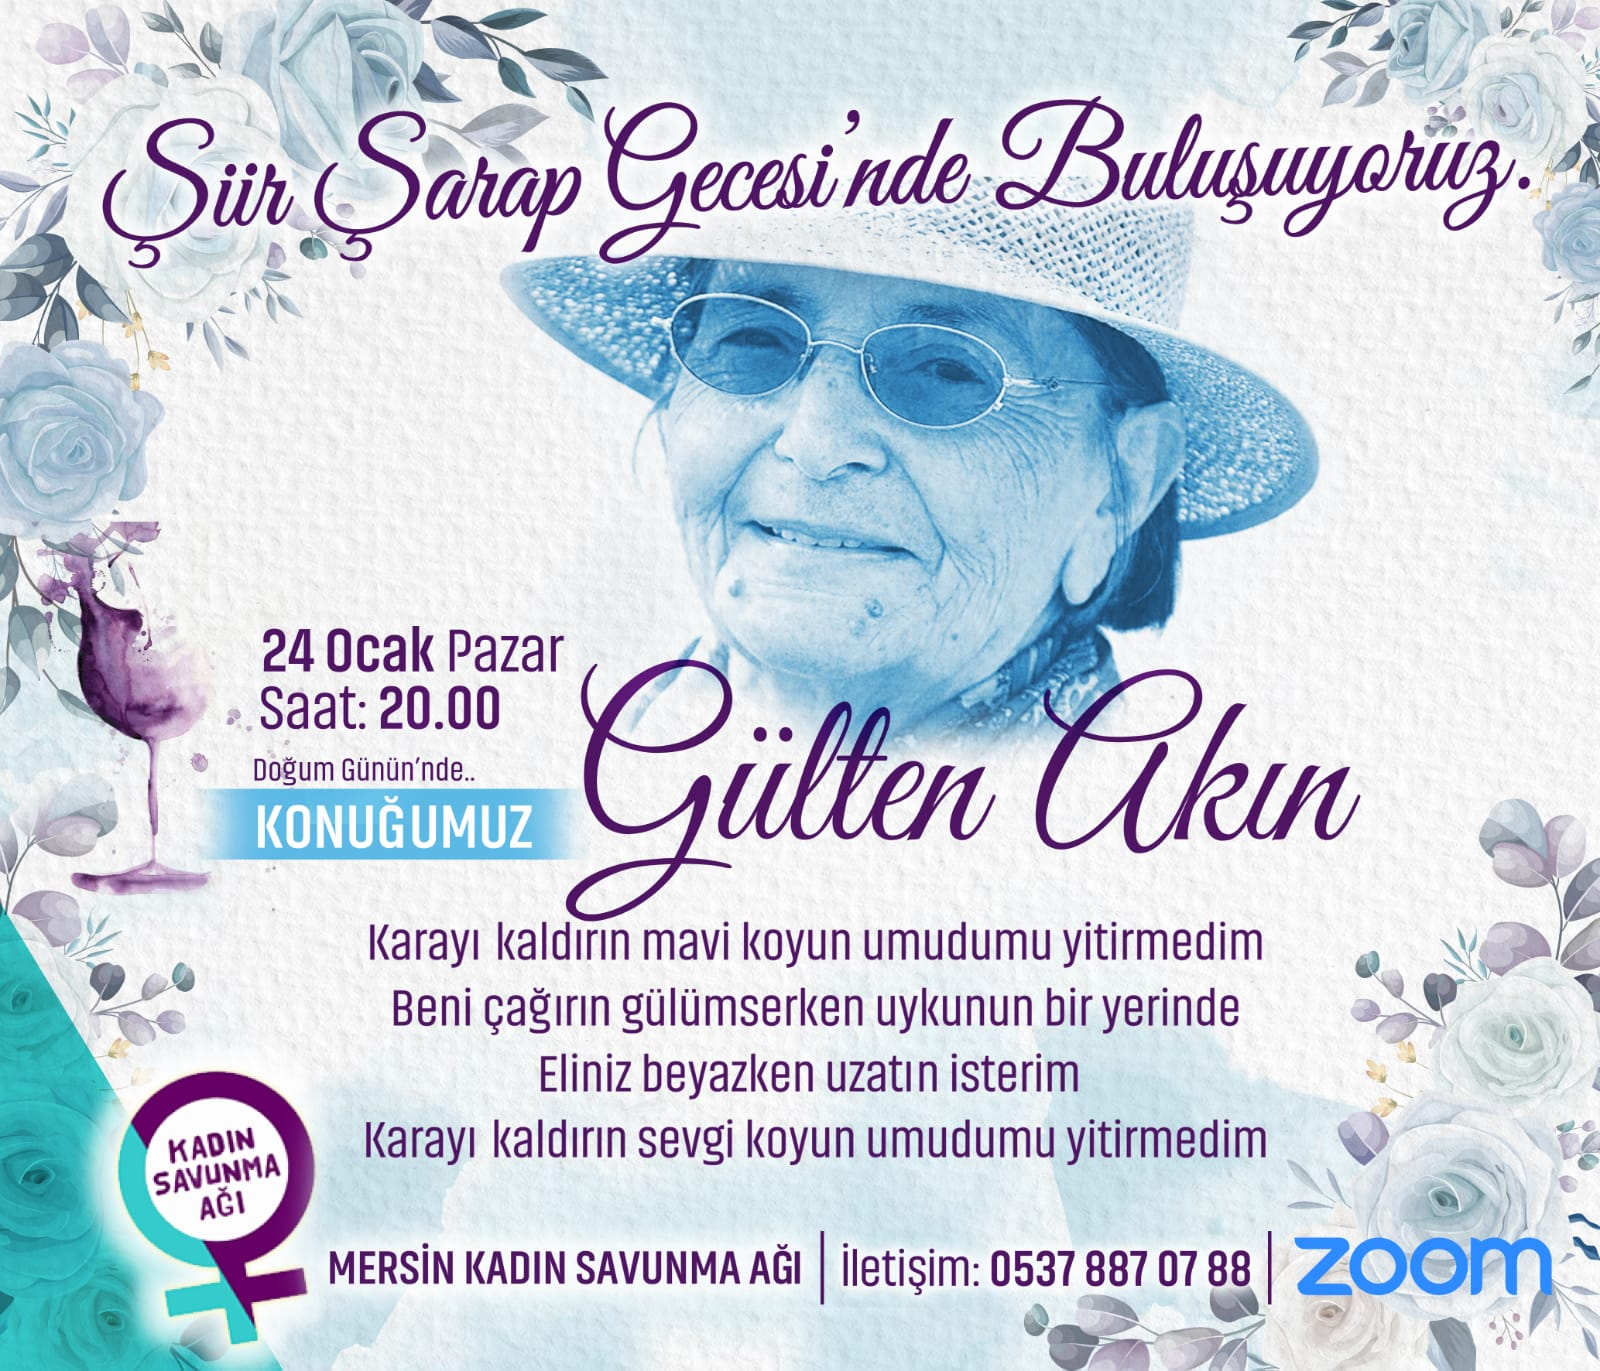 Mersin Kadın Savunması Şiir-Şarap Gecesi'ne devam ediyor, konuk: Gülten Akın